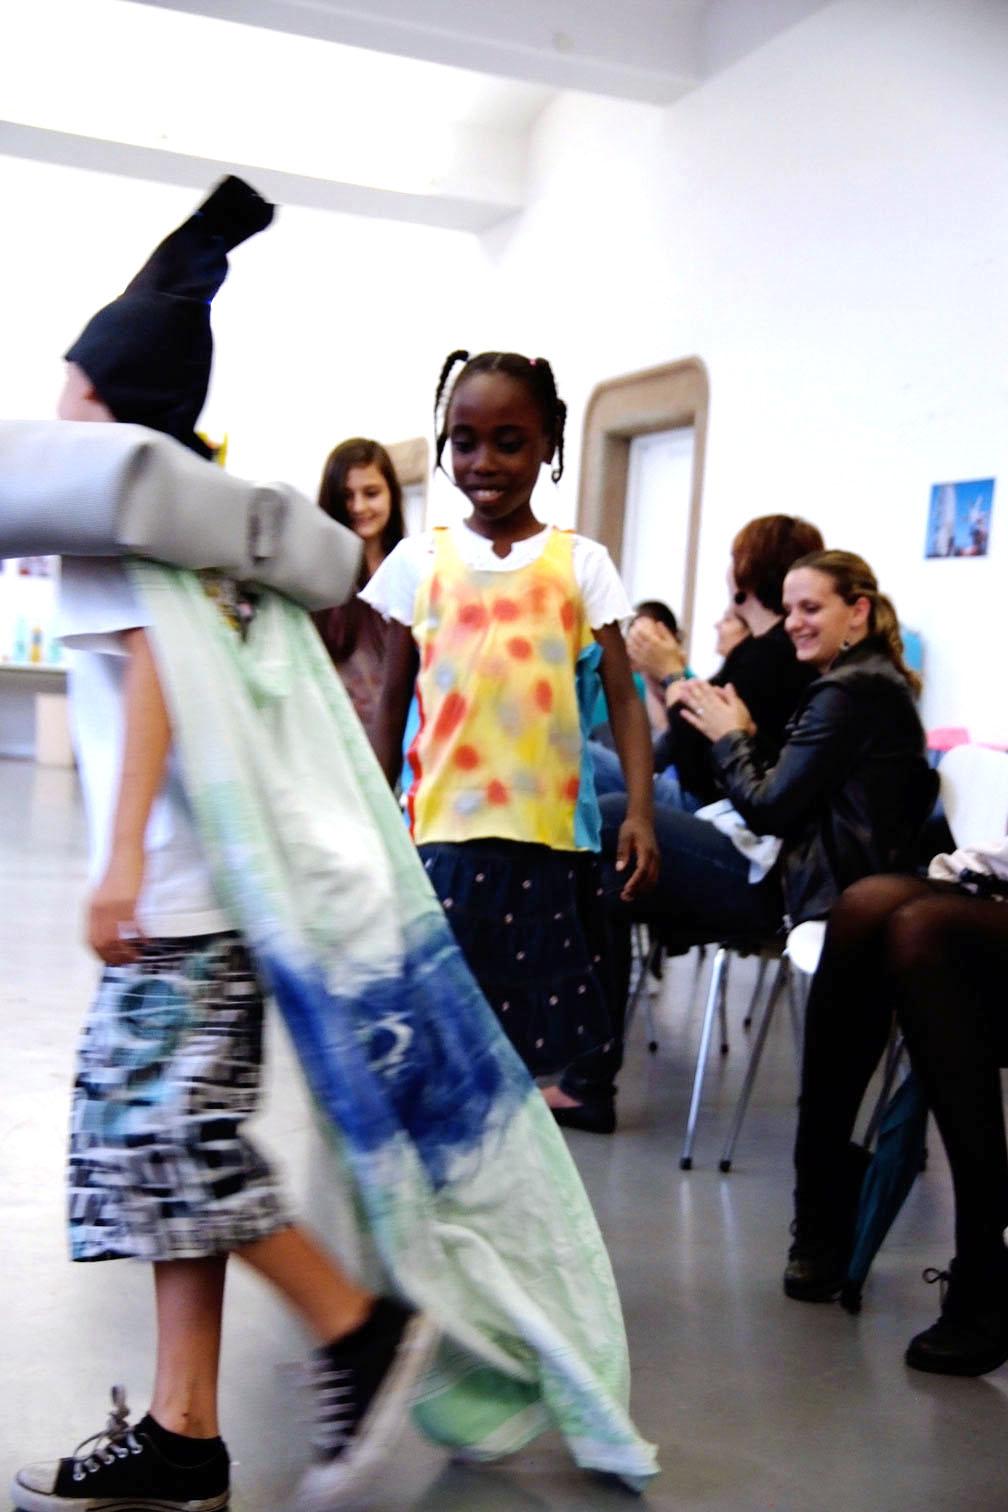 gerrit_schweiger-Rummel-2030-Zukunft-Kinder-Kreativität-Mode-Workshop-Modenschau-Ausstellung-13